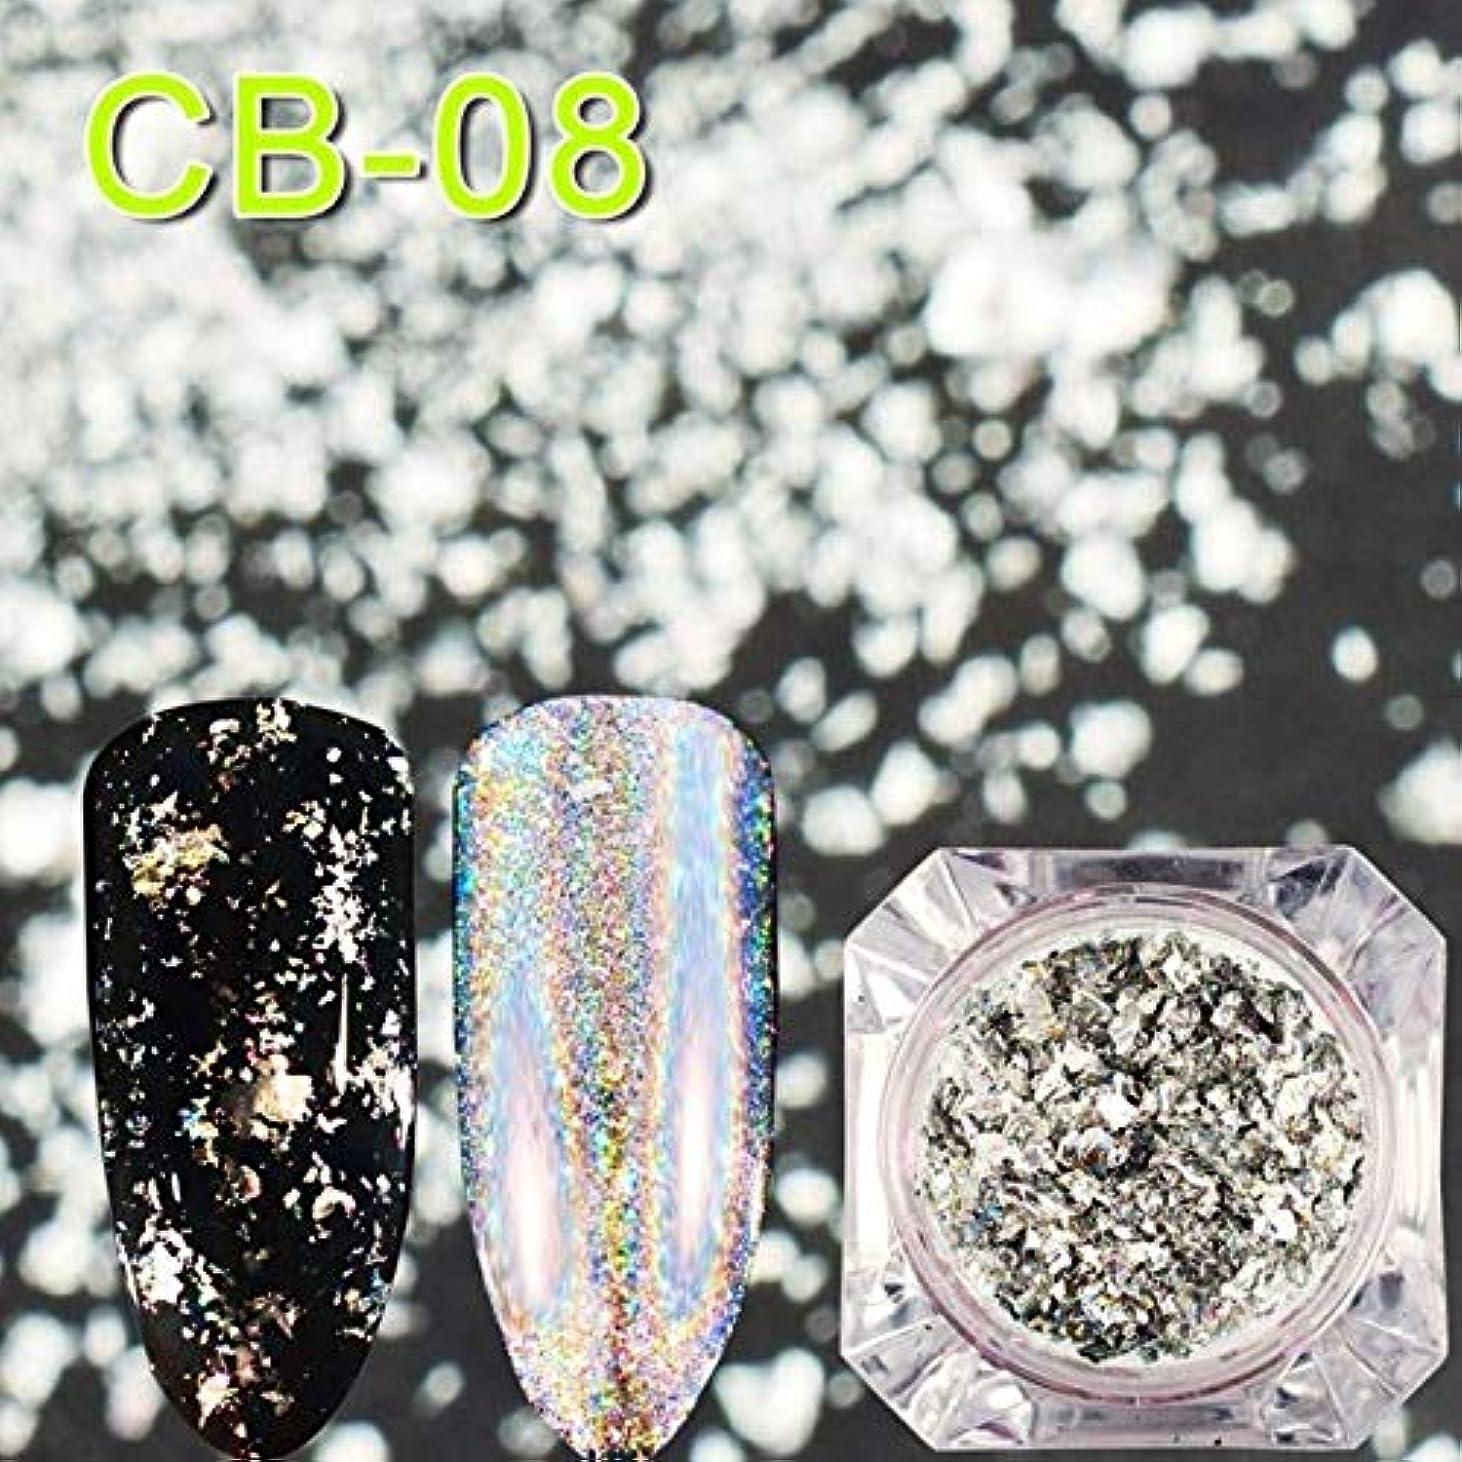 ピストンうるさい小道具Yan 3個マジックミラーカメレオングリッターネイルフレークスパンコール不規則なネイルデコレーション(CB01) (色 : CB08)